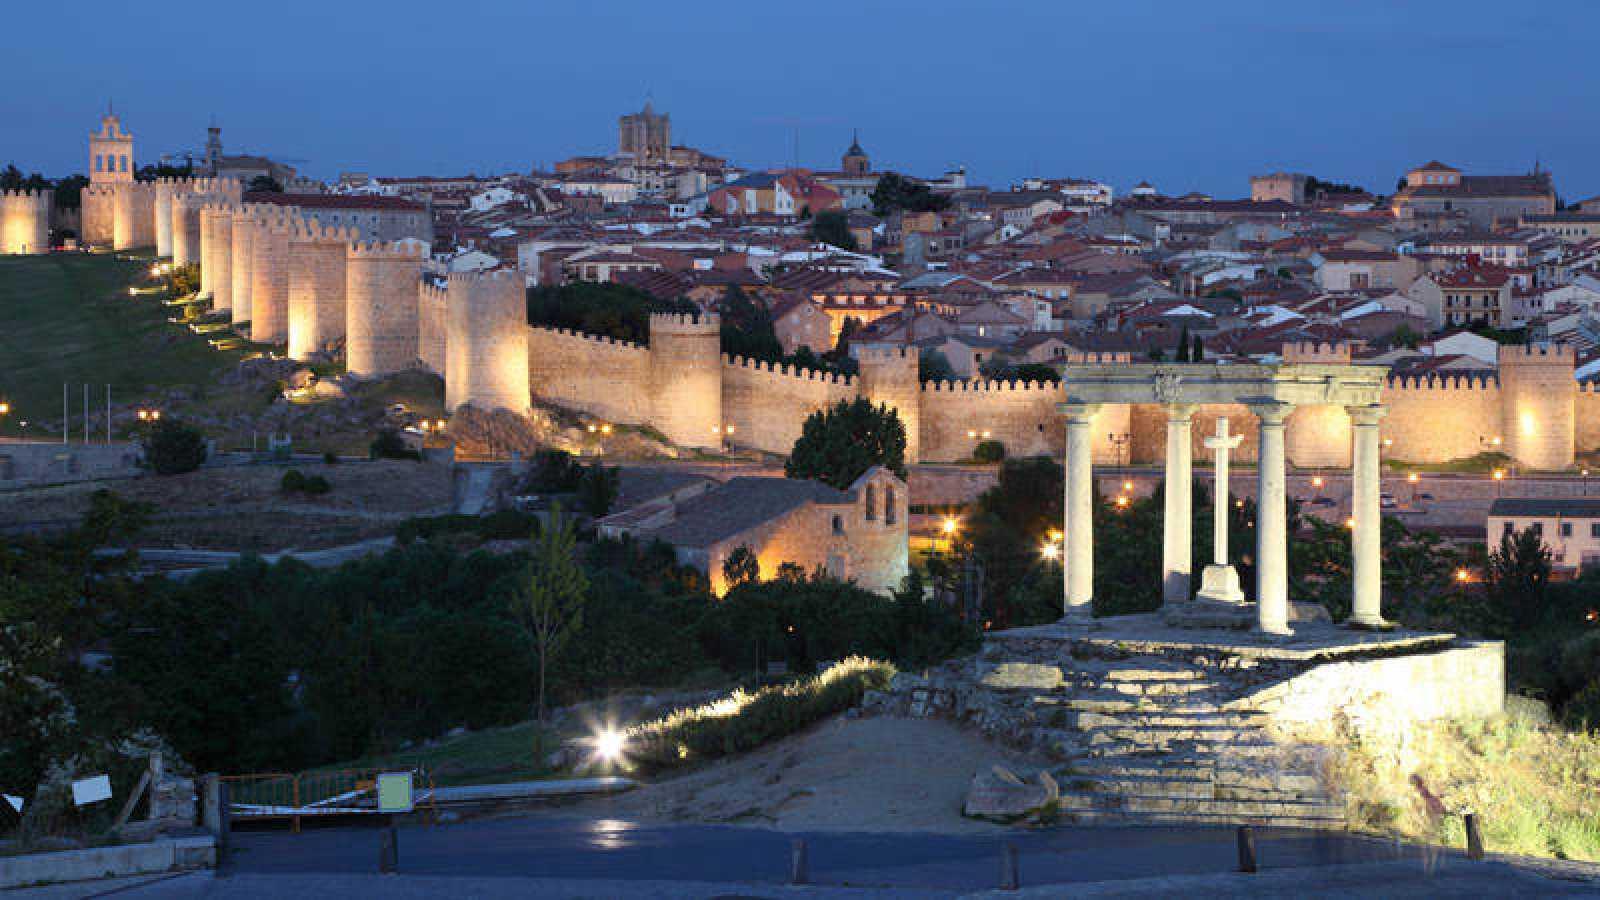 Imagen nocturna de la ciudad de Ávila, rodeada por la muralla.